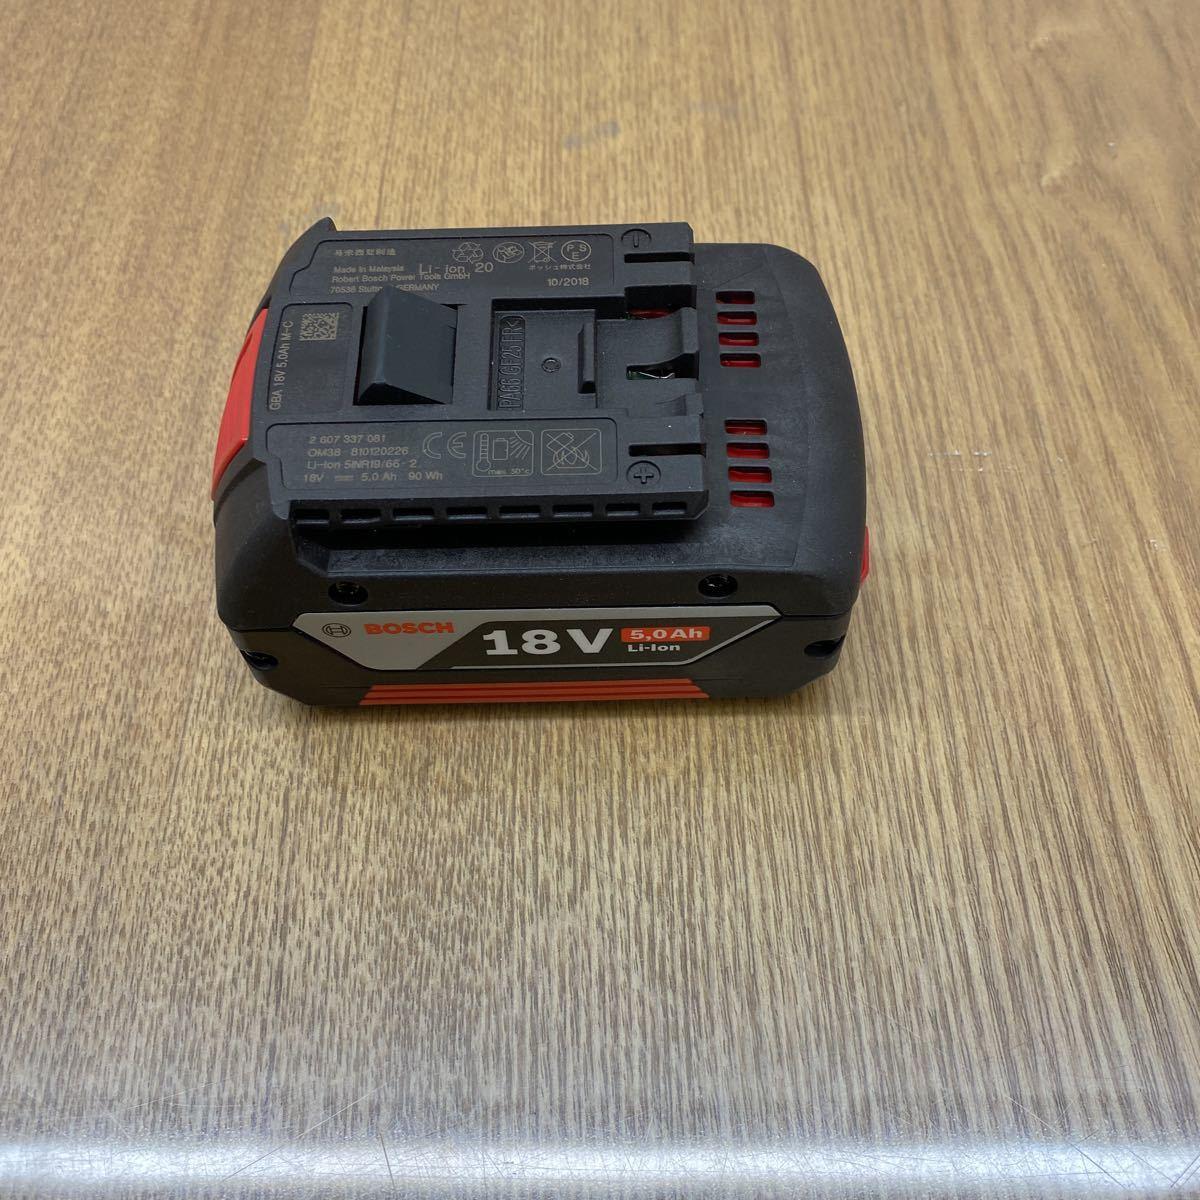 ボッシュ 18V リチウムイオンバッテリー 18V 5.0Ah BOSCH 新品_画像2